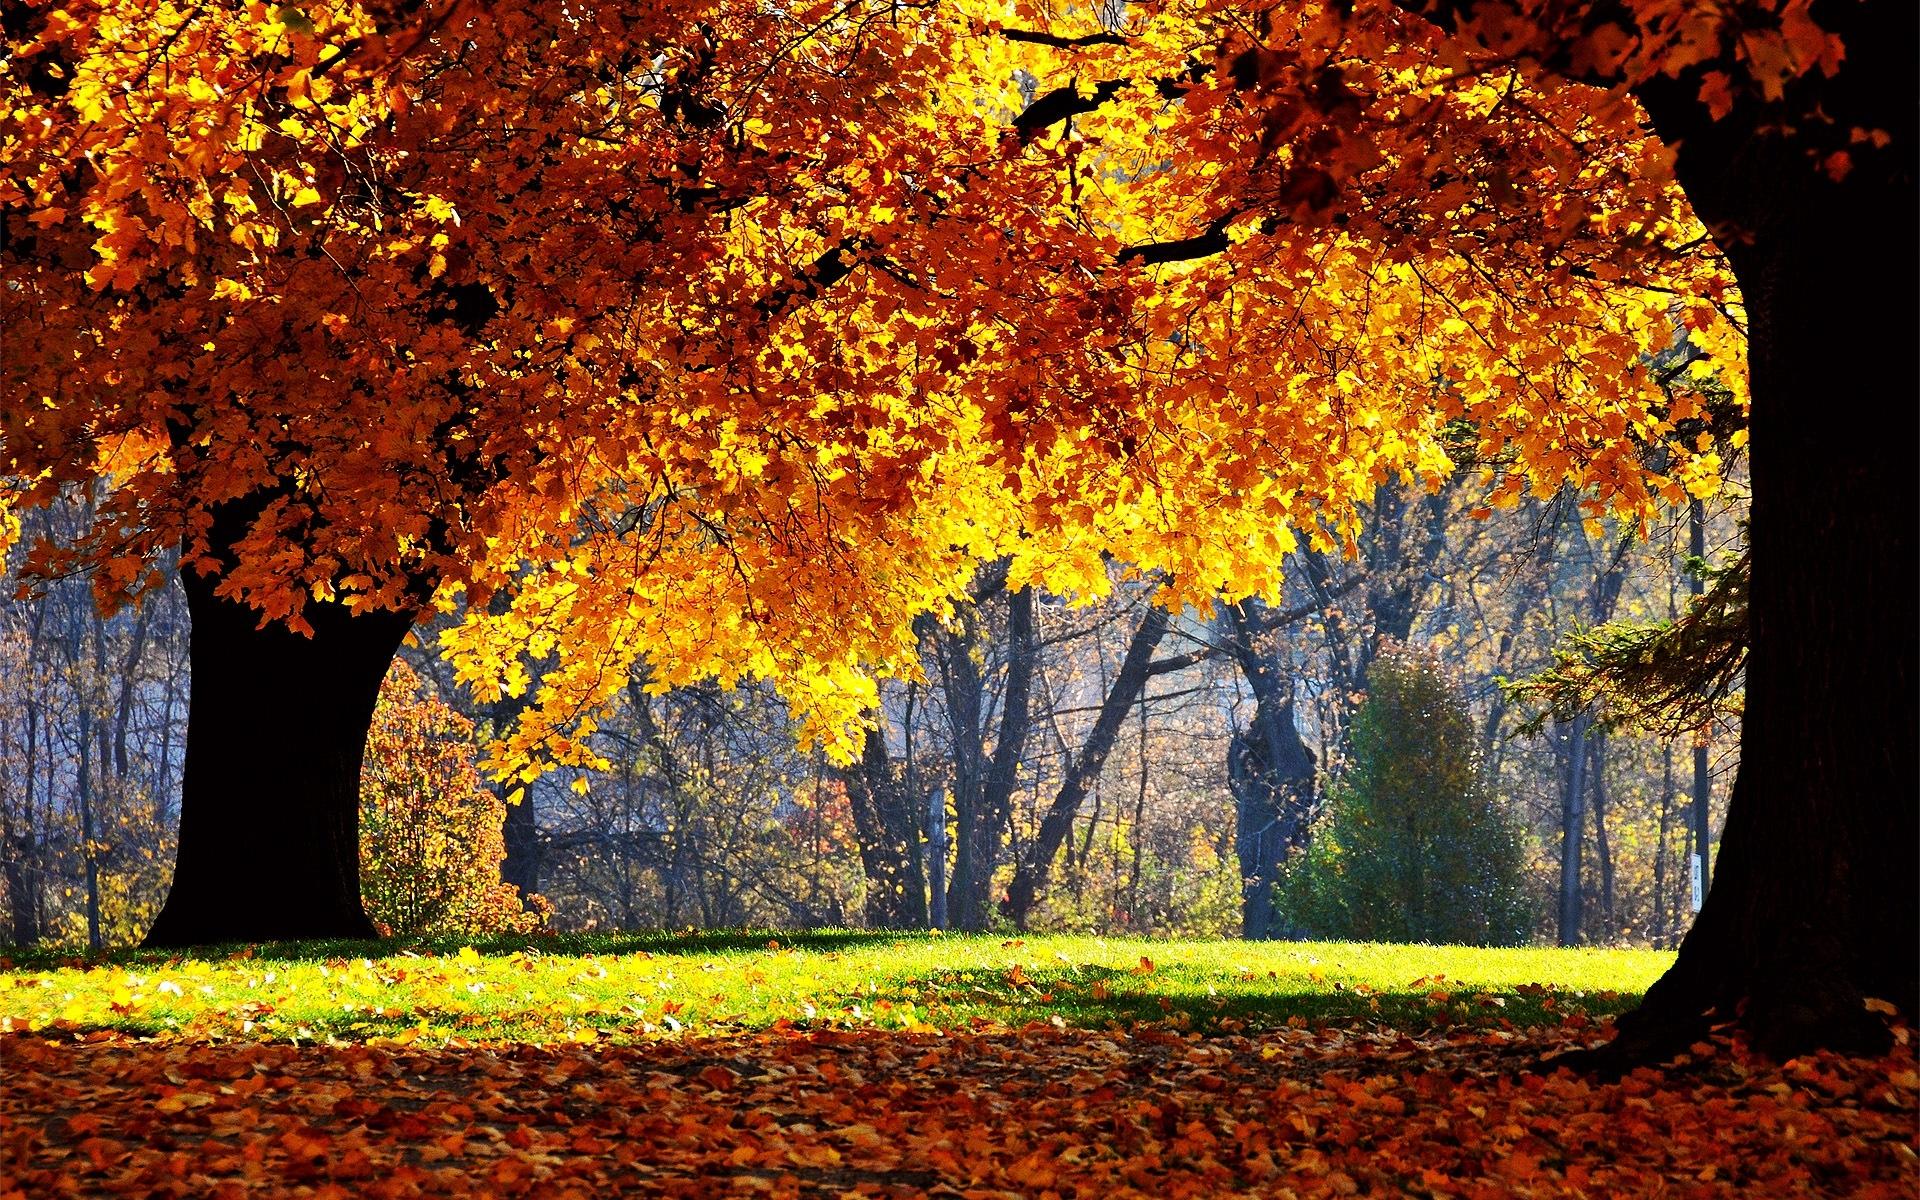 Картинки Осень, деревья, листья, парк, желтый, тень фото и обои на рабочий стол